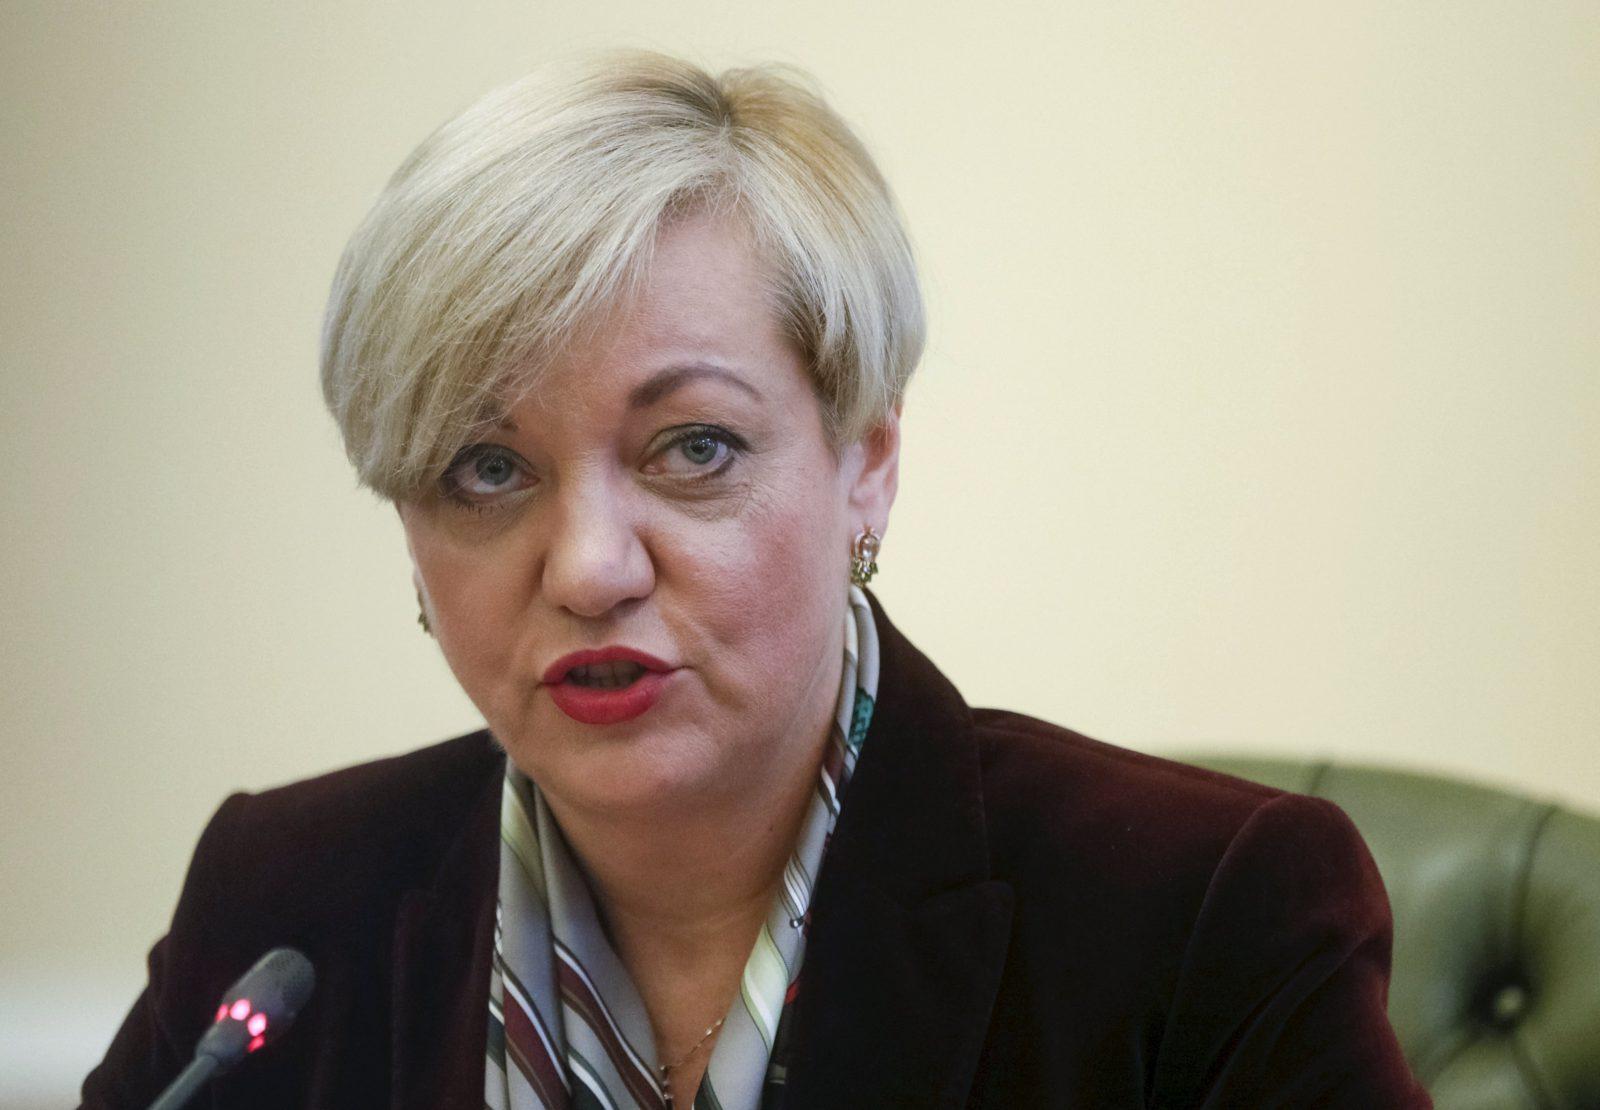 Гонтарева назвала банк практикующий «правовой беспредел»